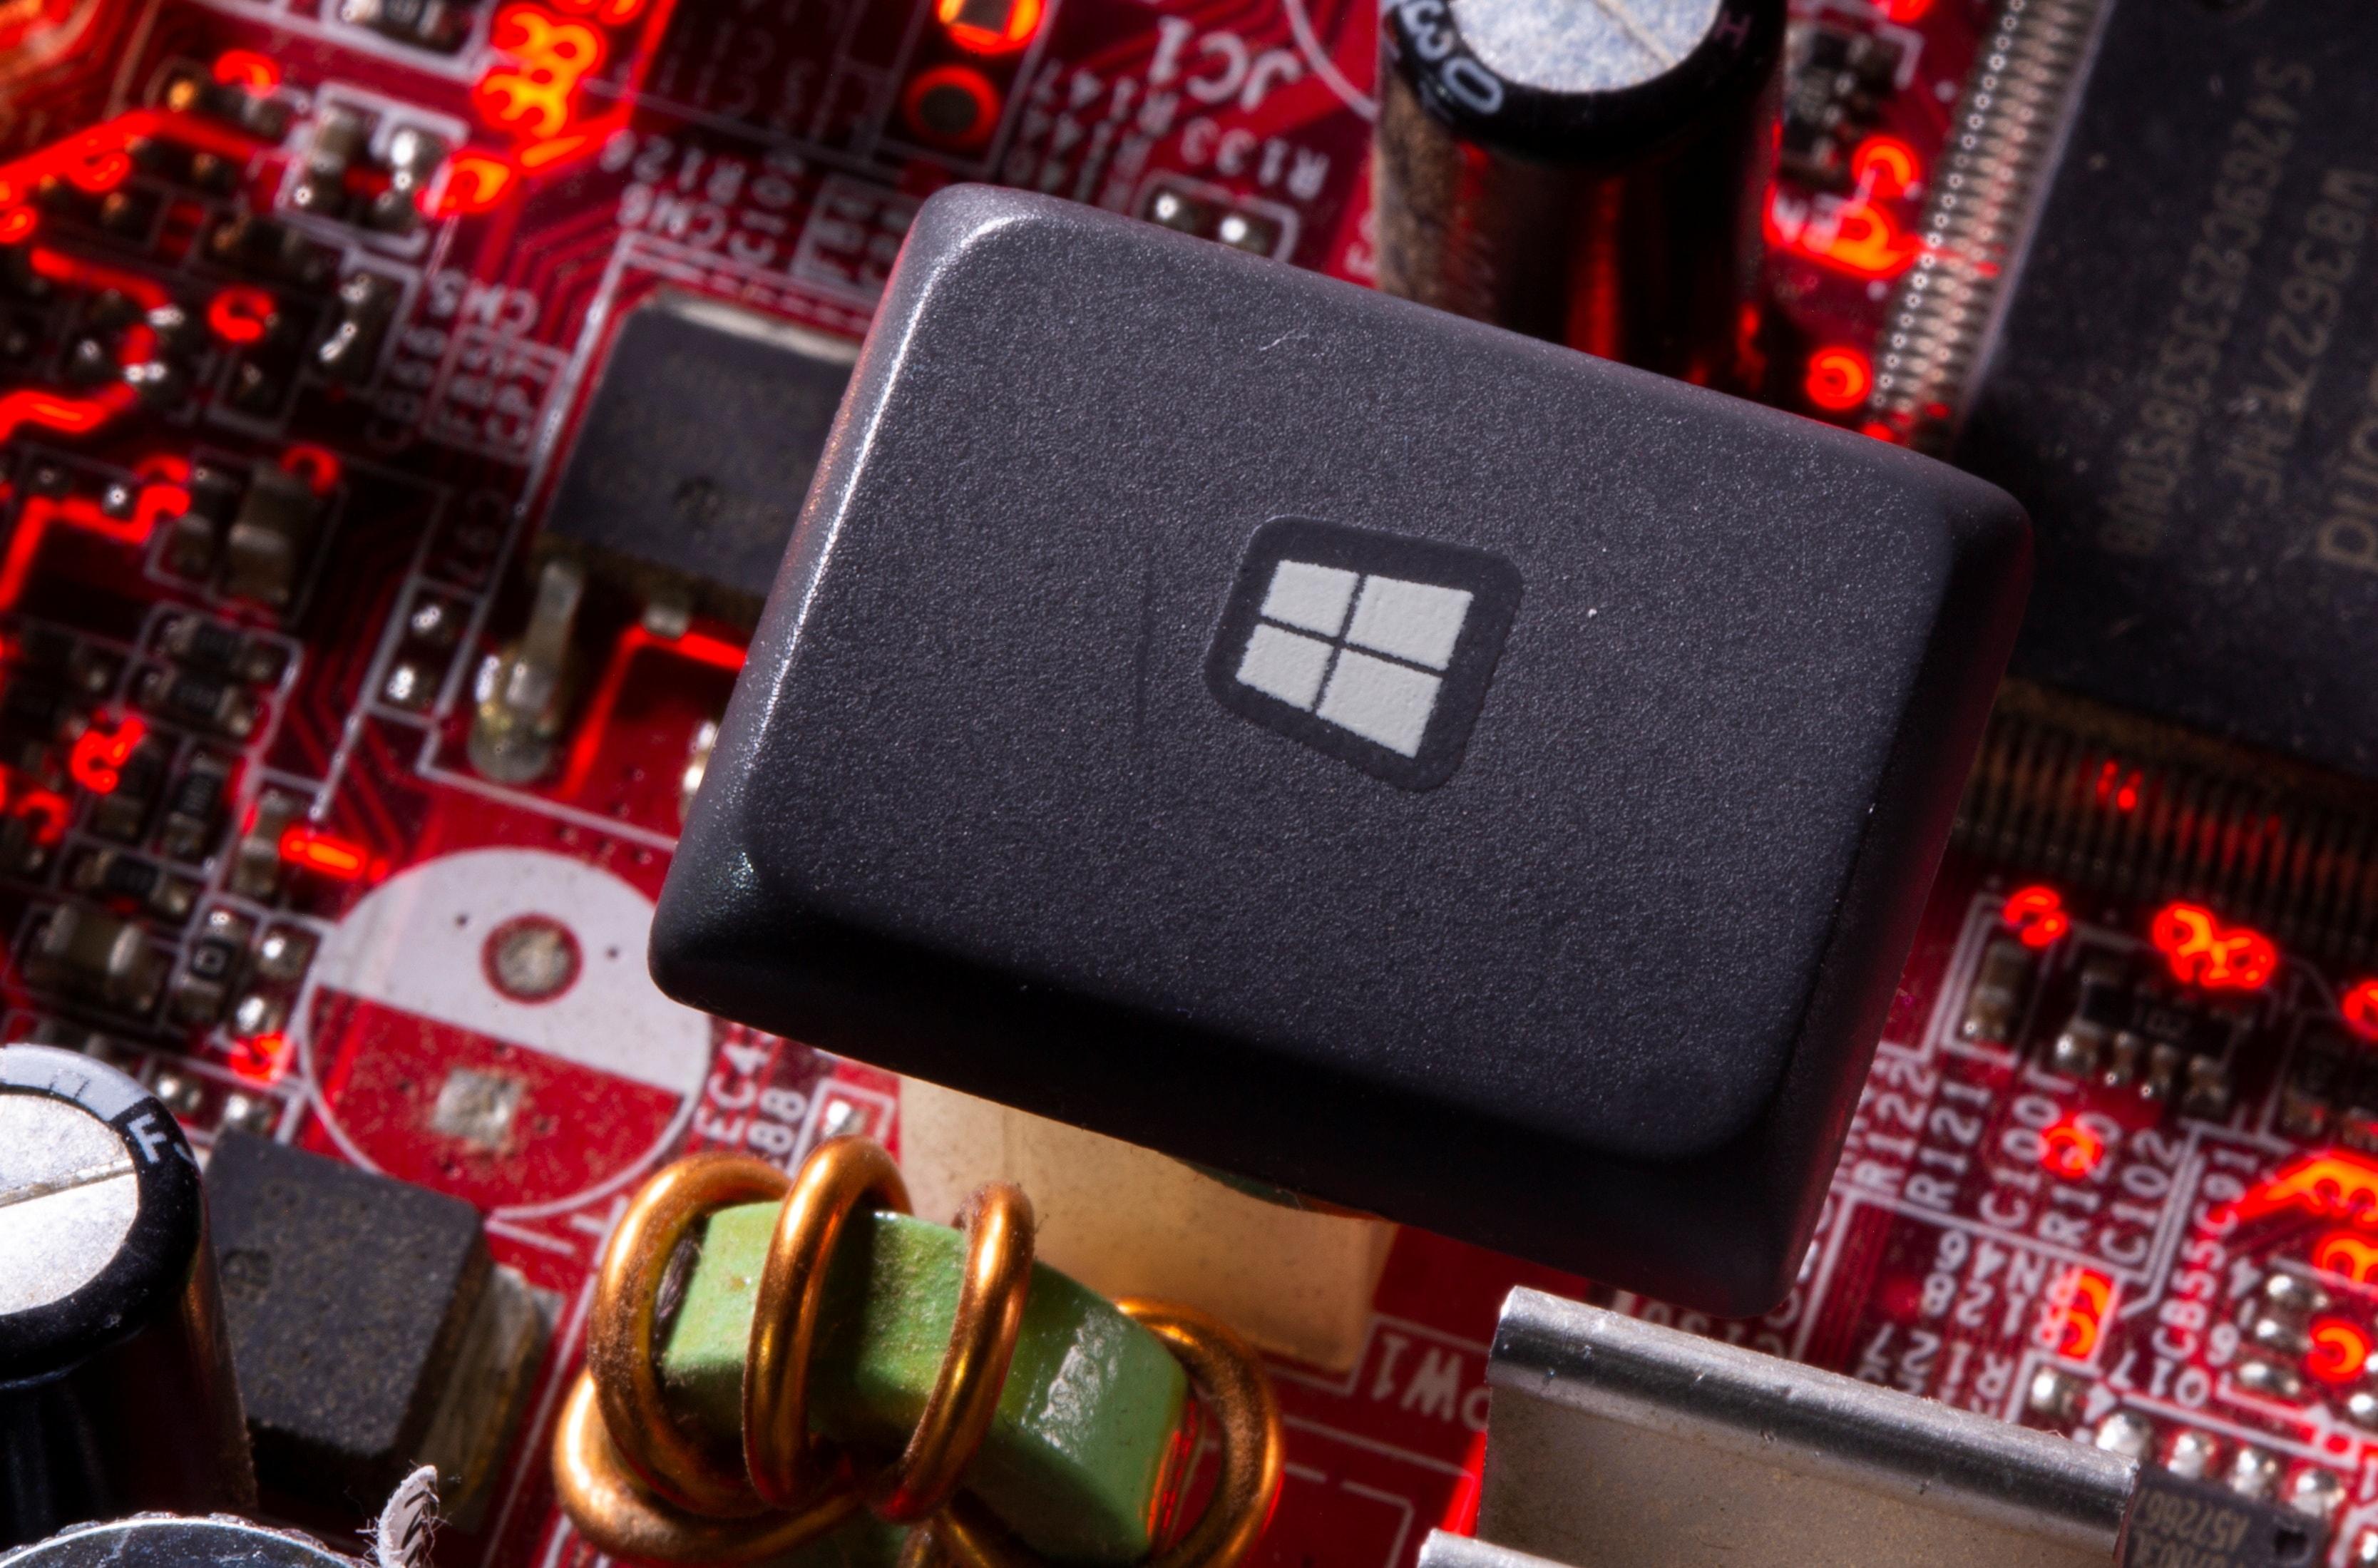 আগামী ৫ অক্টোবর ২০২১ থেকে ডাউনলোড করা যাবে নতুন Windows 11।ফাইল ছবি : রয়টার্স (REUTERS)